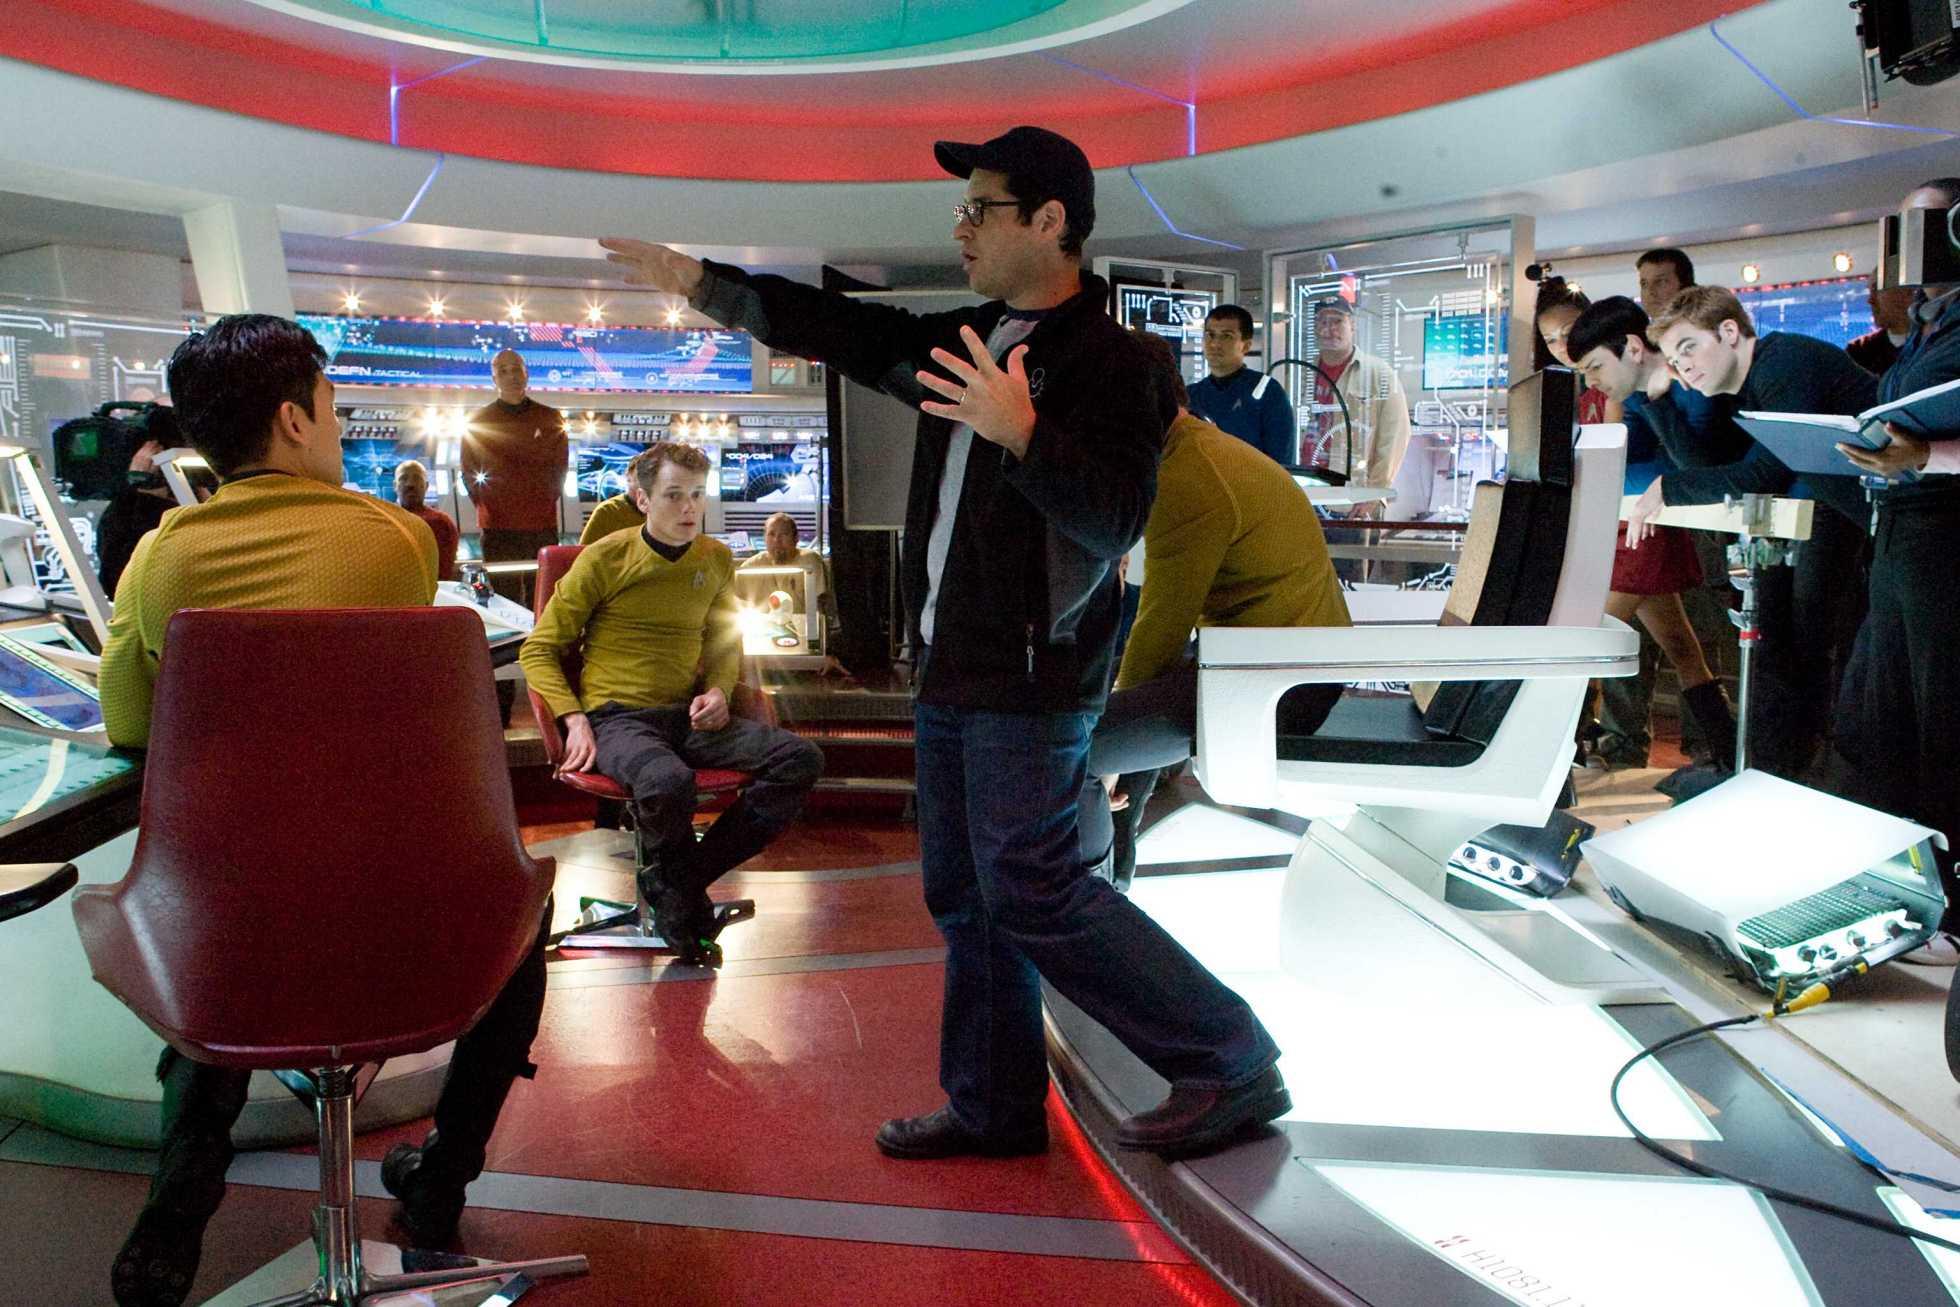 STAR TREK - JJ Abrams to direct Star Trek 2